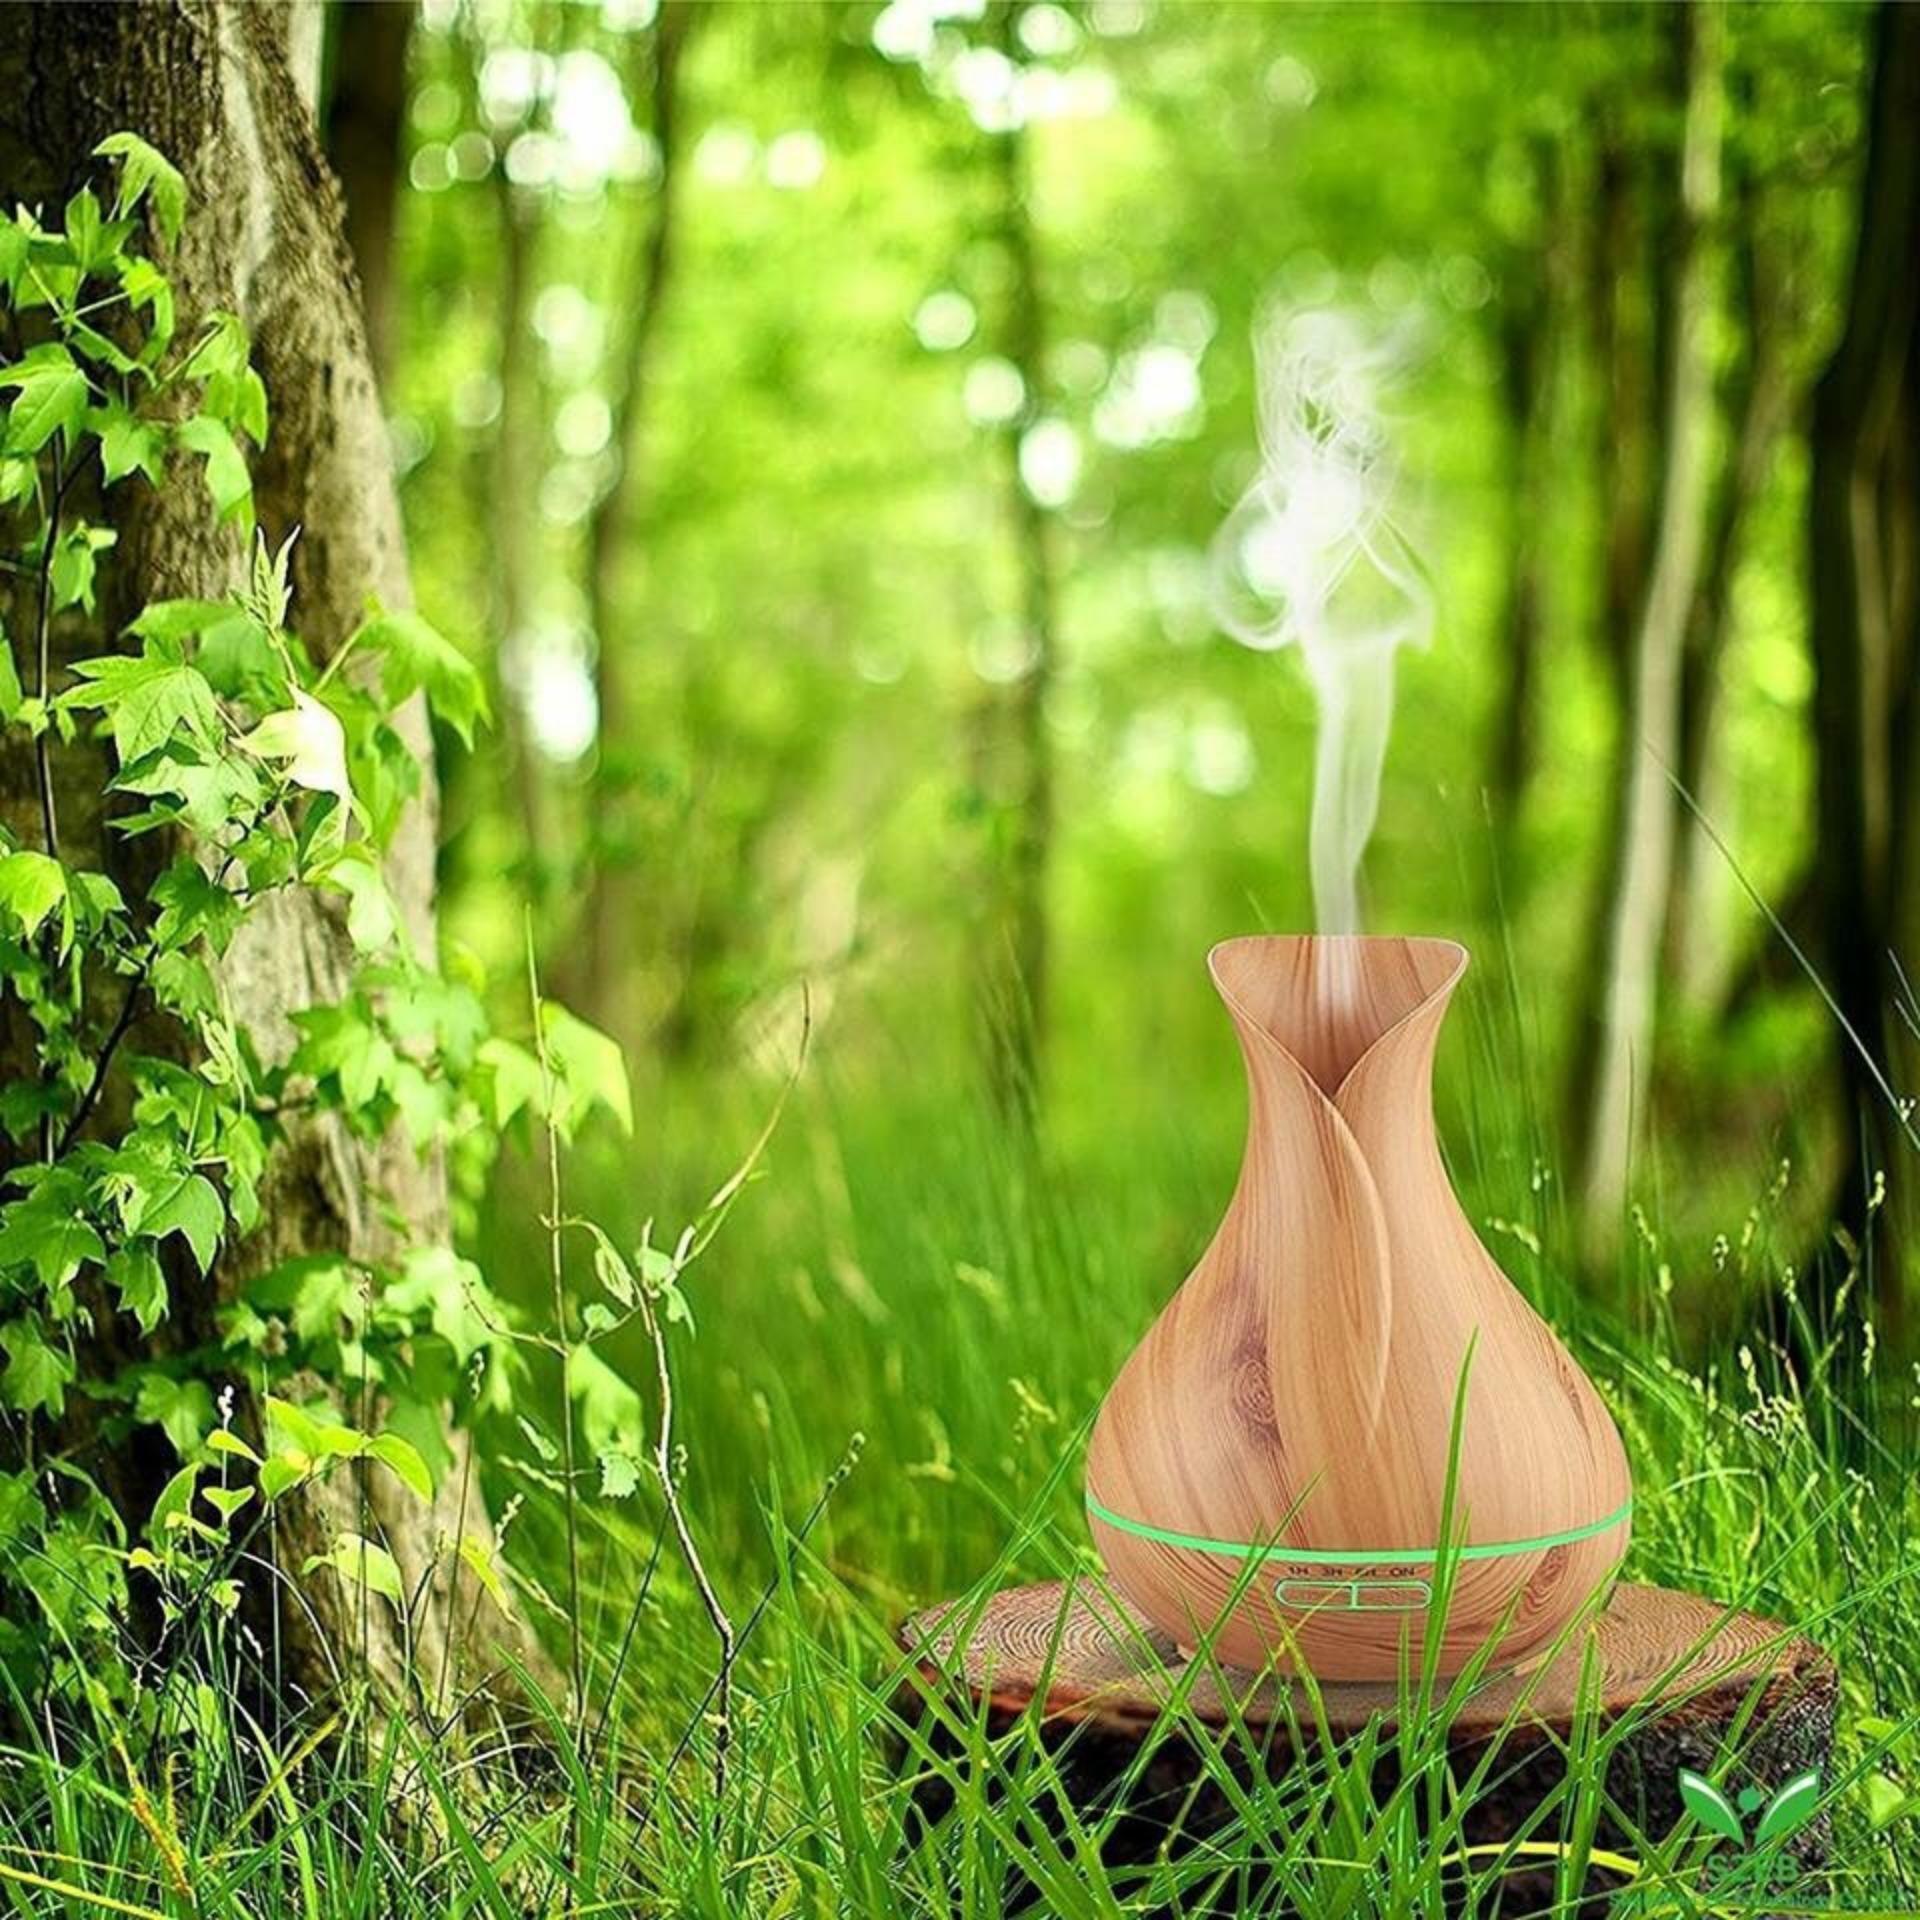 Máy khuếch tán tinh dầu bình hoa nâu dung tích 400ml  lộc không khí, tạo ẩm tặng 10ml tinh dầu ngọc lan tây Ngọc Tuyết